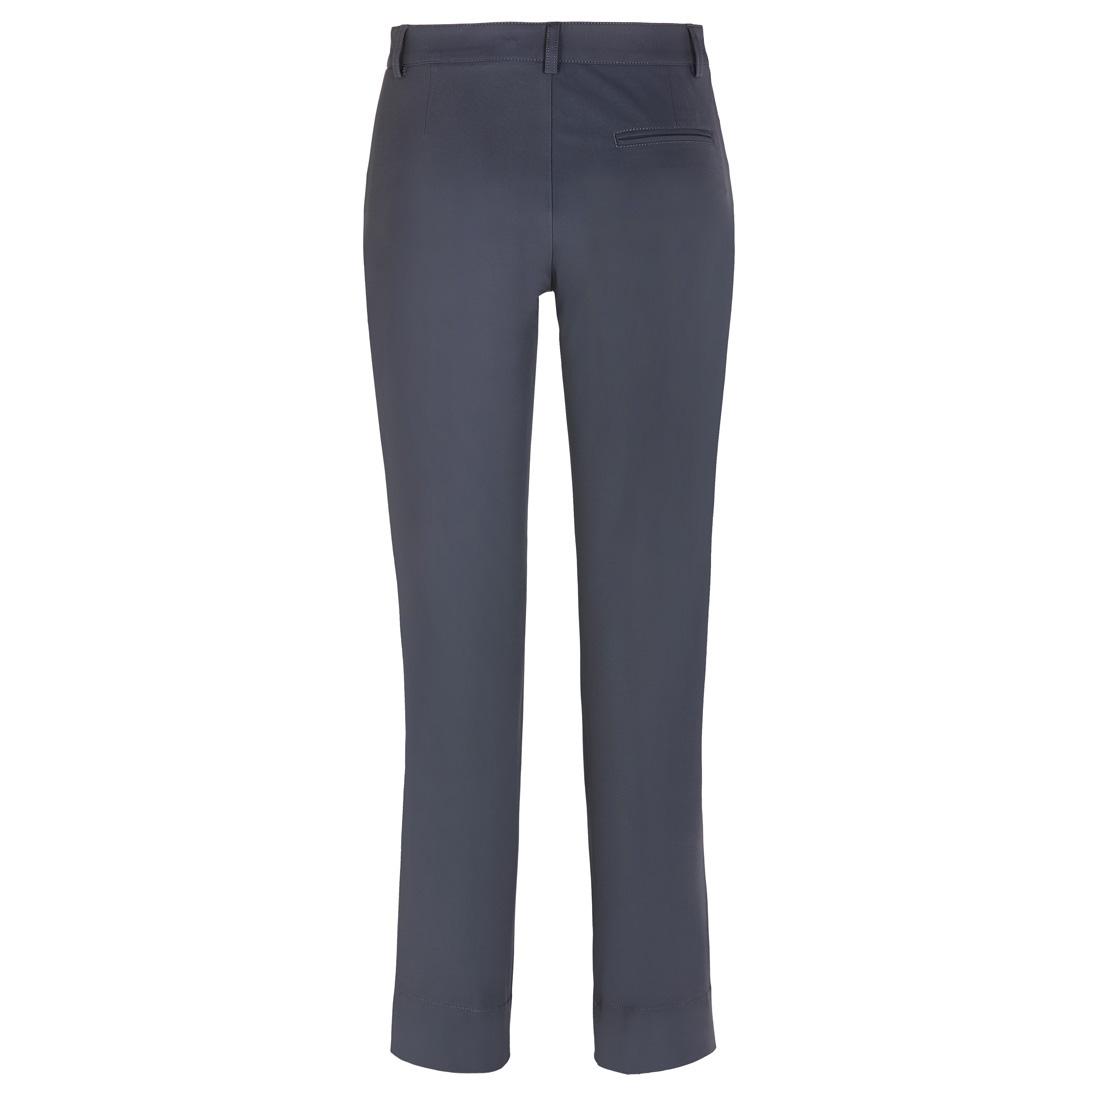 Premium Techno Stretch Damen 7/8 Golfhose in Slim Fit